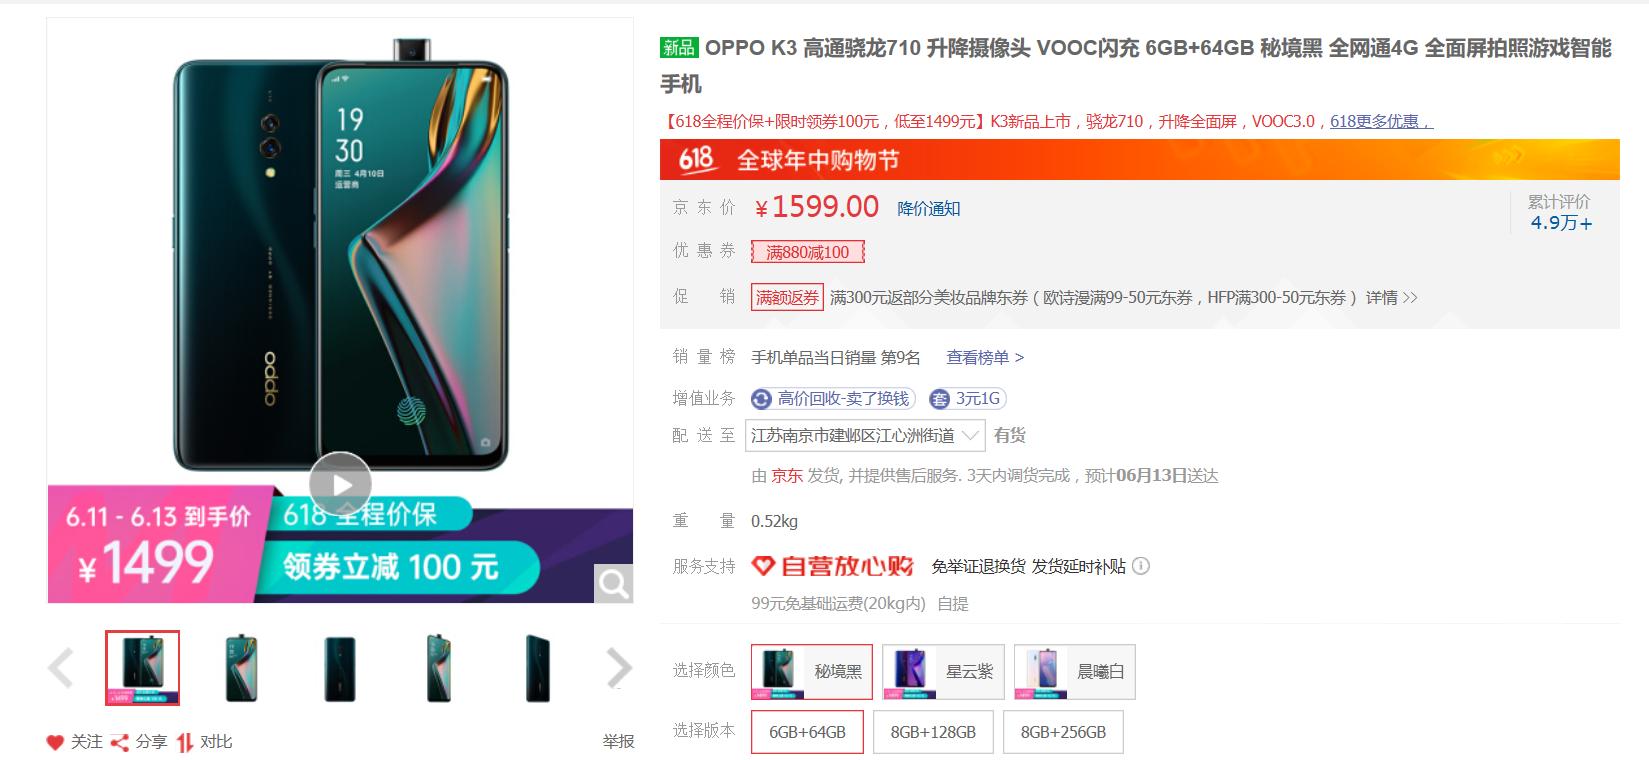 千元预算购新机,也能兼具颜值高性能,选这三款准没错